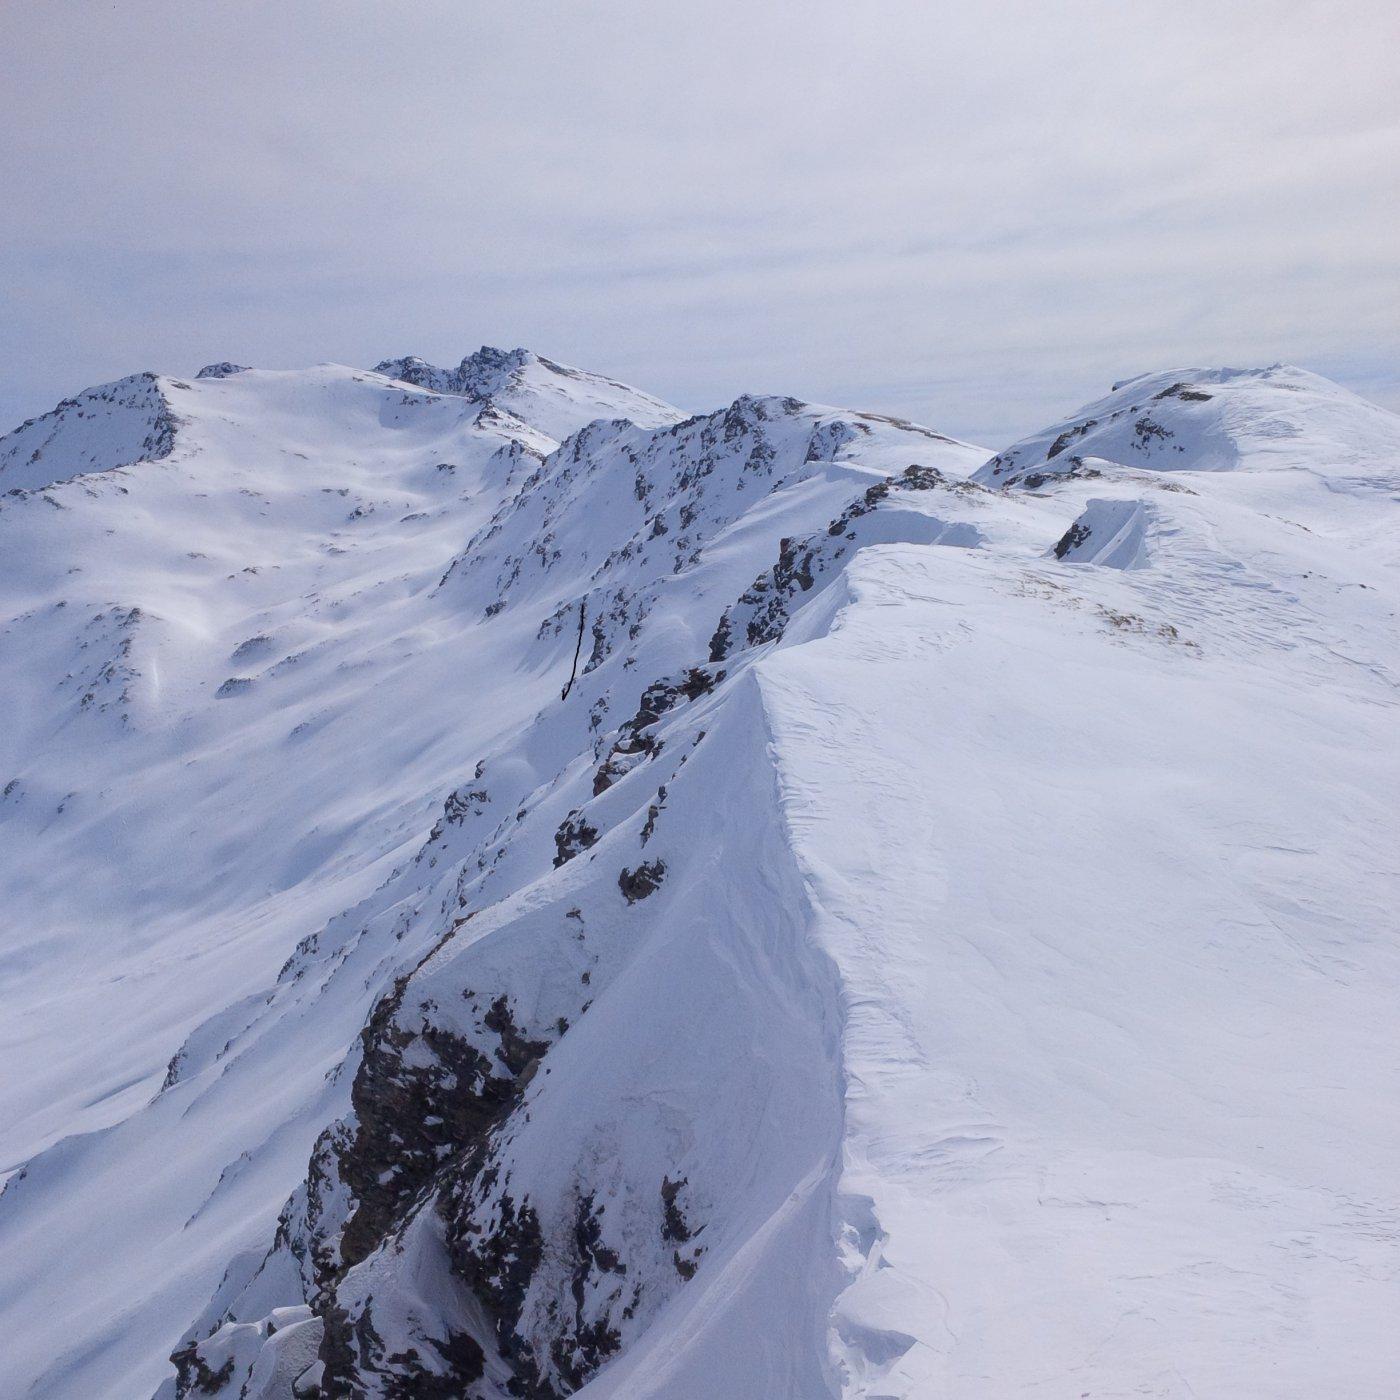 La cresta dalla Dormillouse al Terra Nera (foto E. Lana).